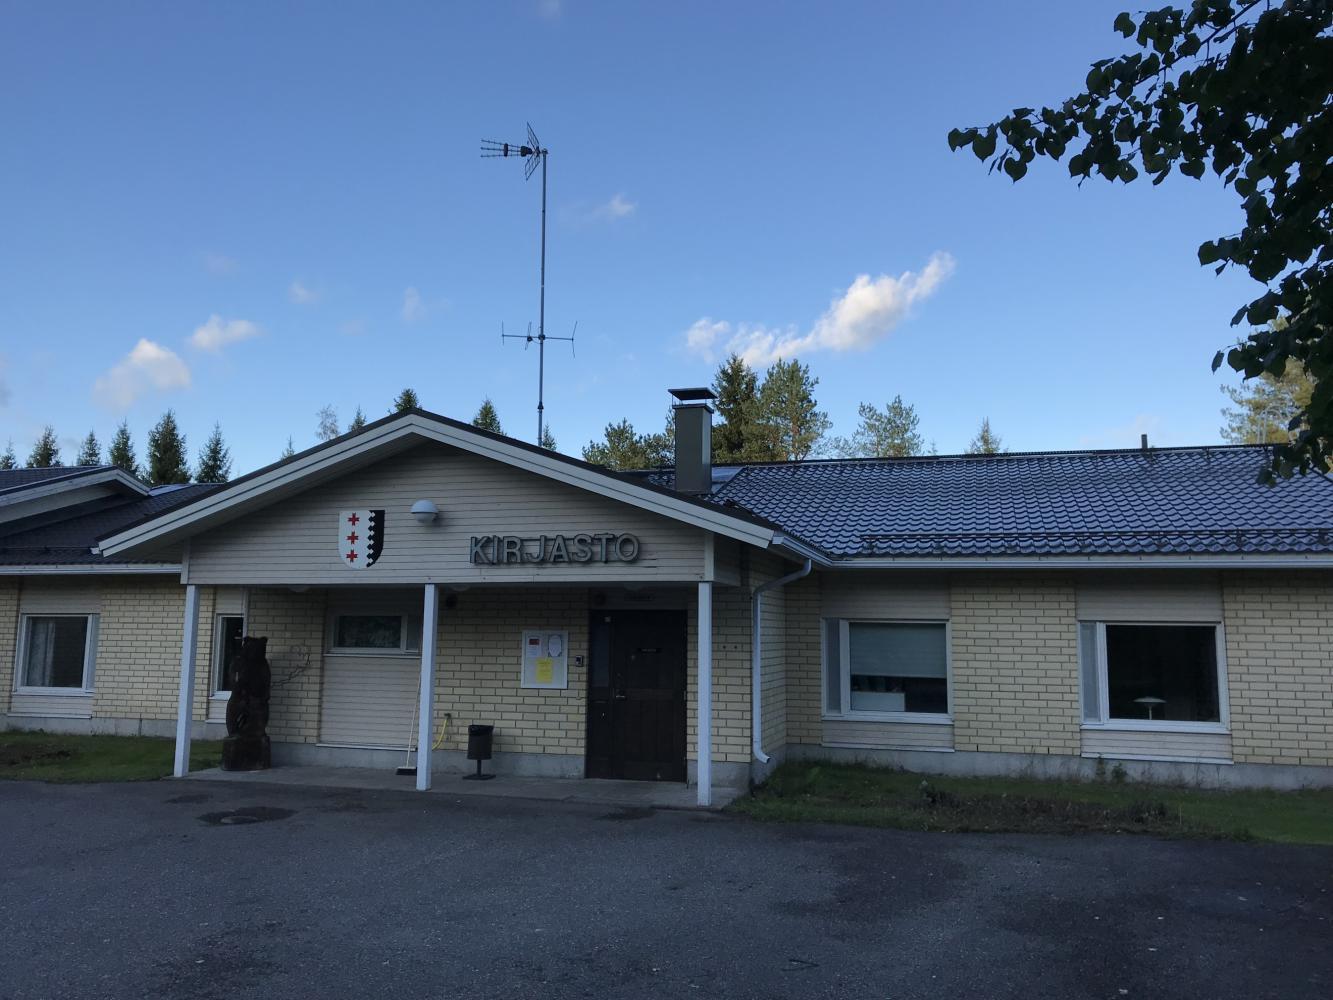 Uukuniemen kirjasto